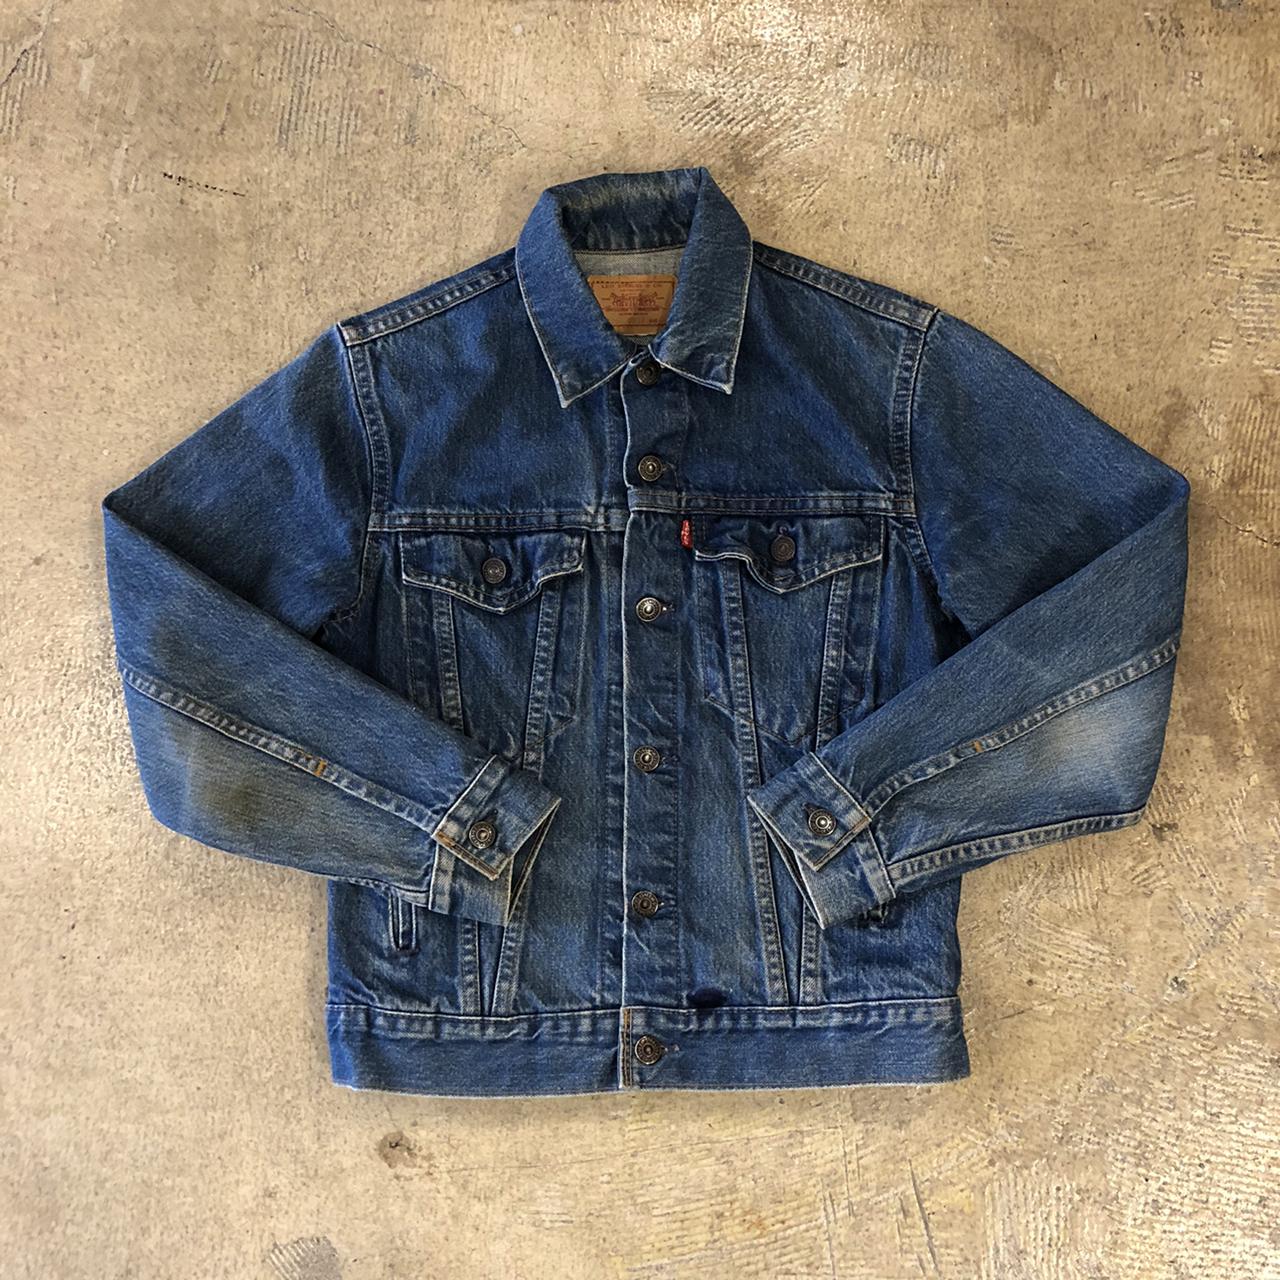 Levi's 70706 Denim Jacket ¥8,400+tax